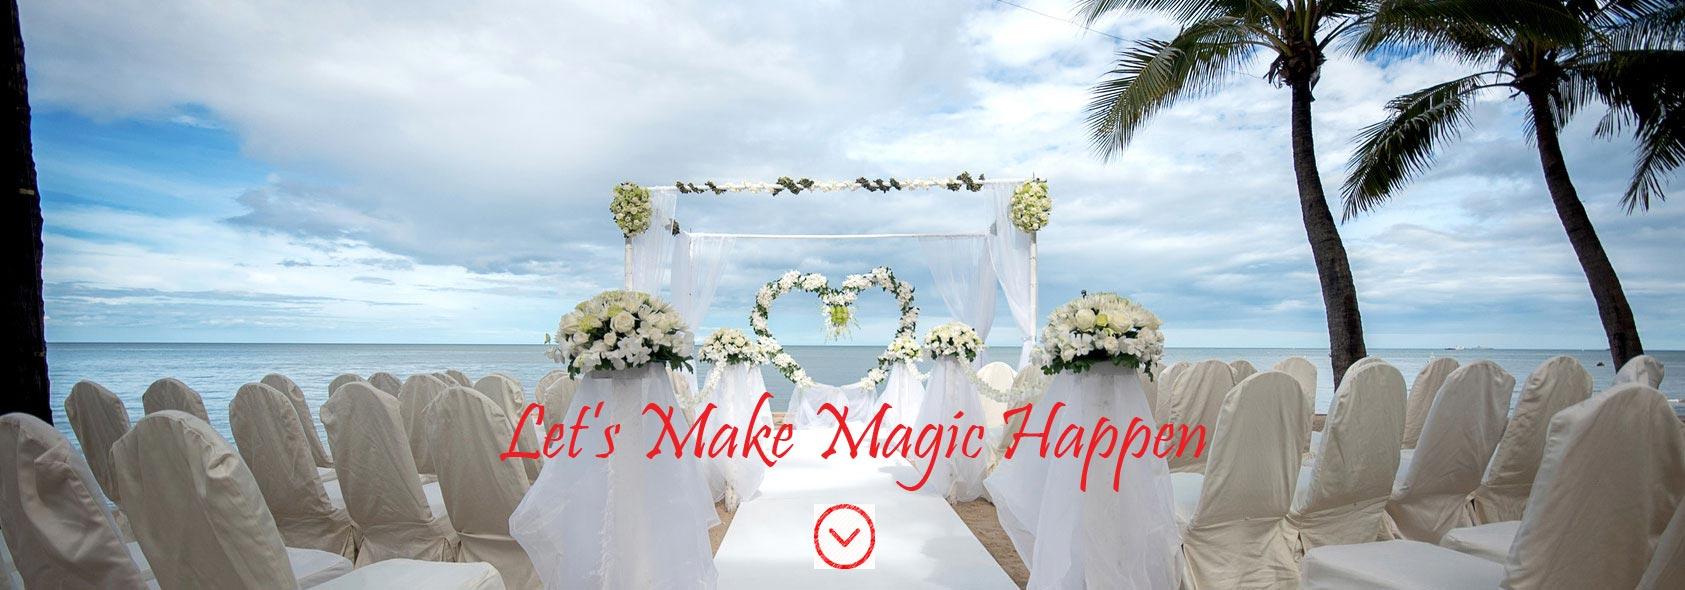 wedding reception magic